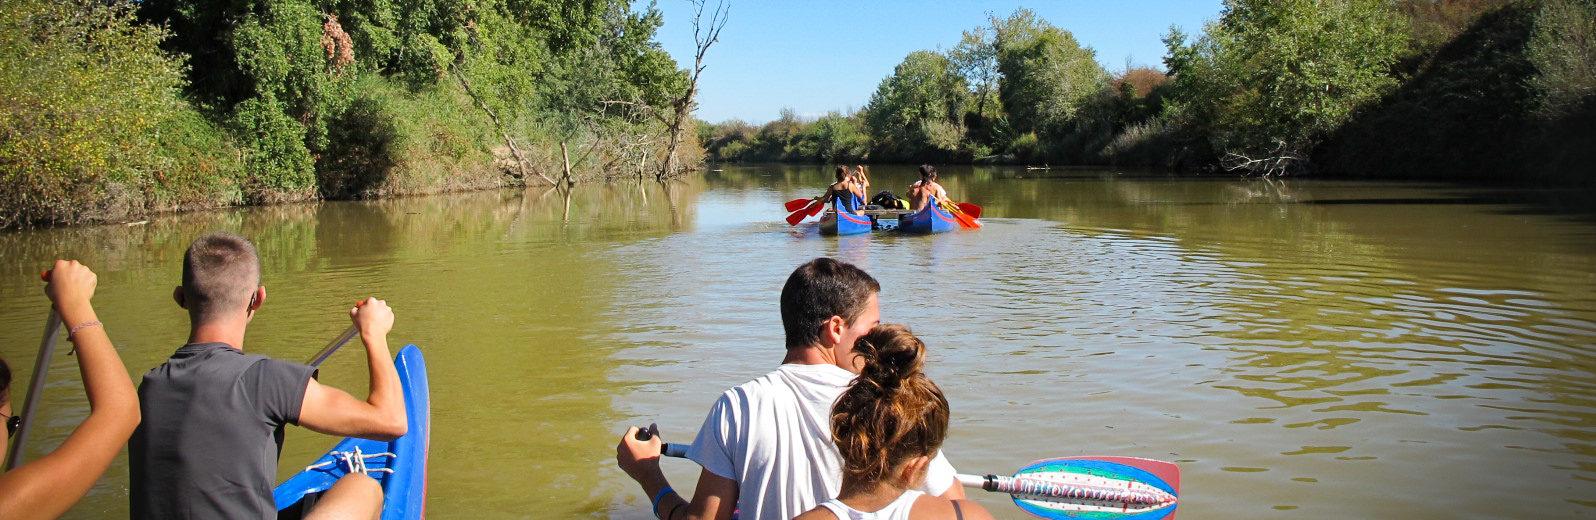 Escursioni in canoa e battelli